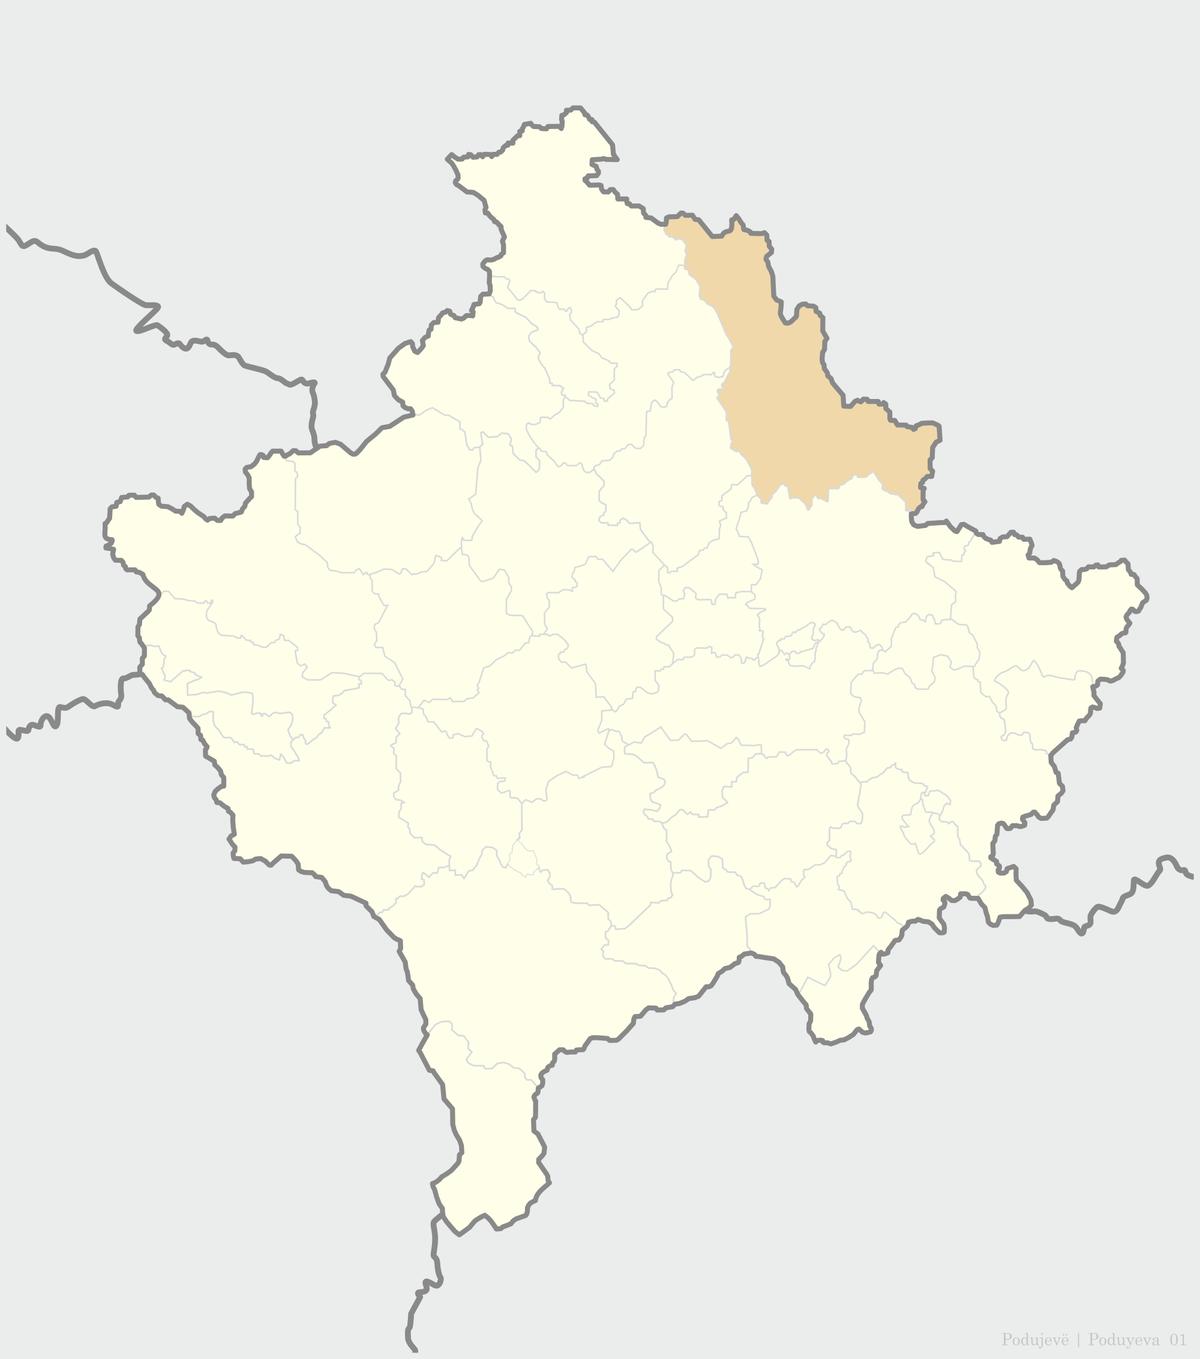 sq.m.wikipedia.org